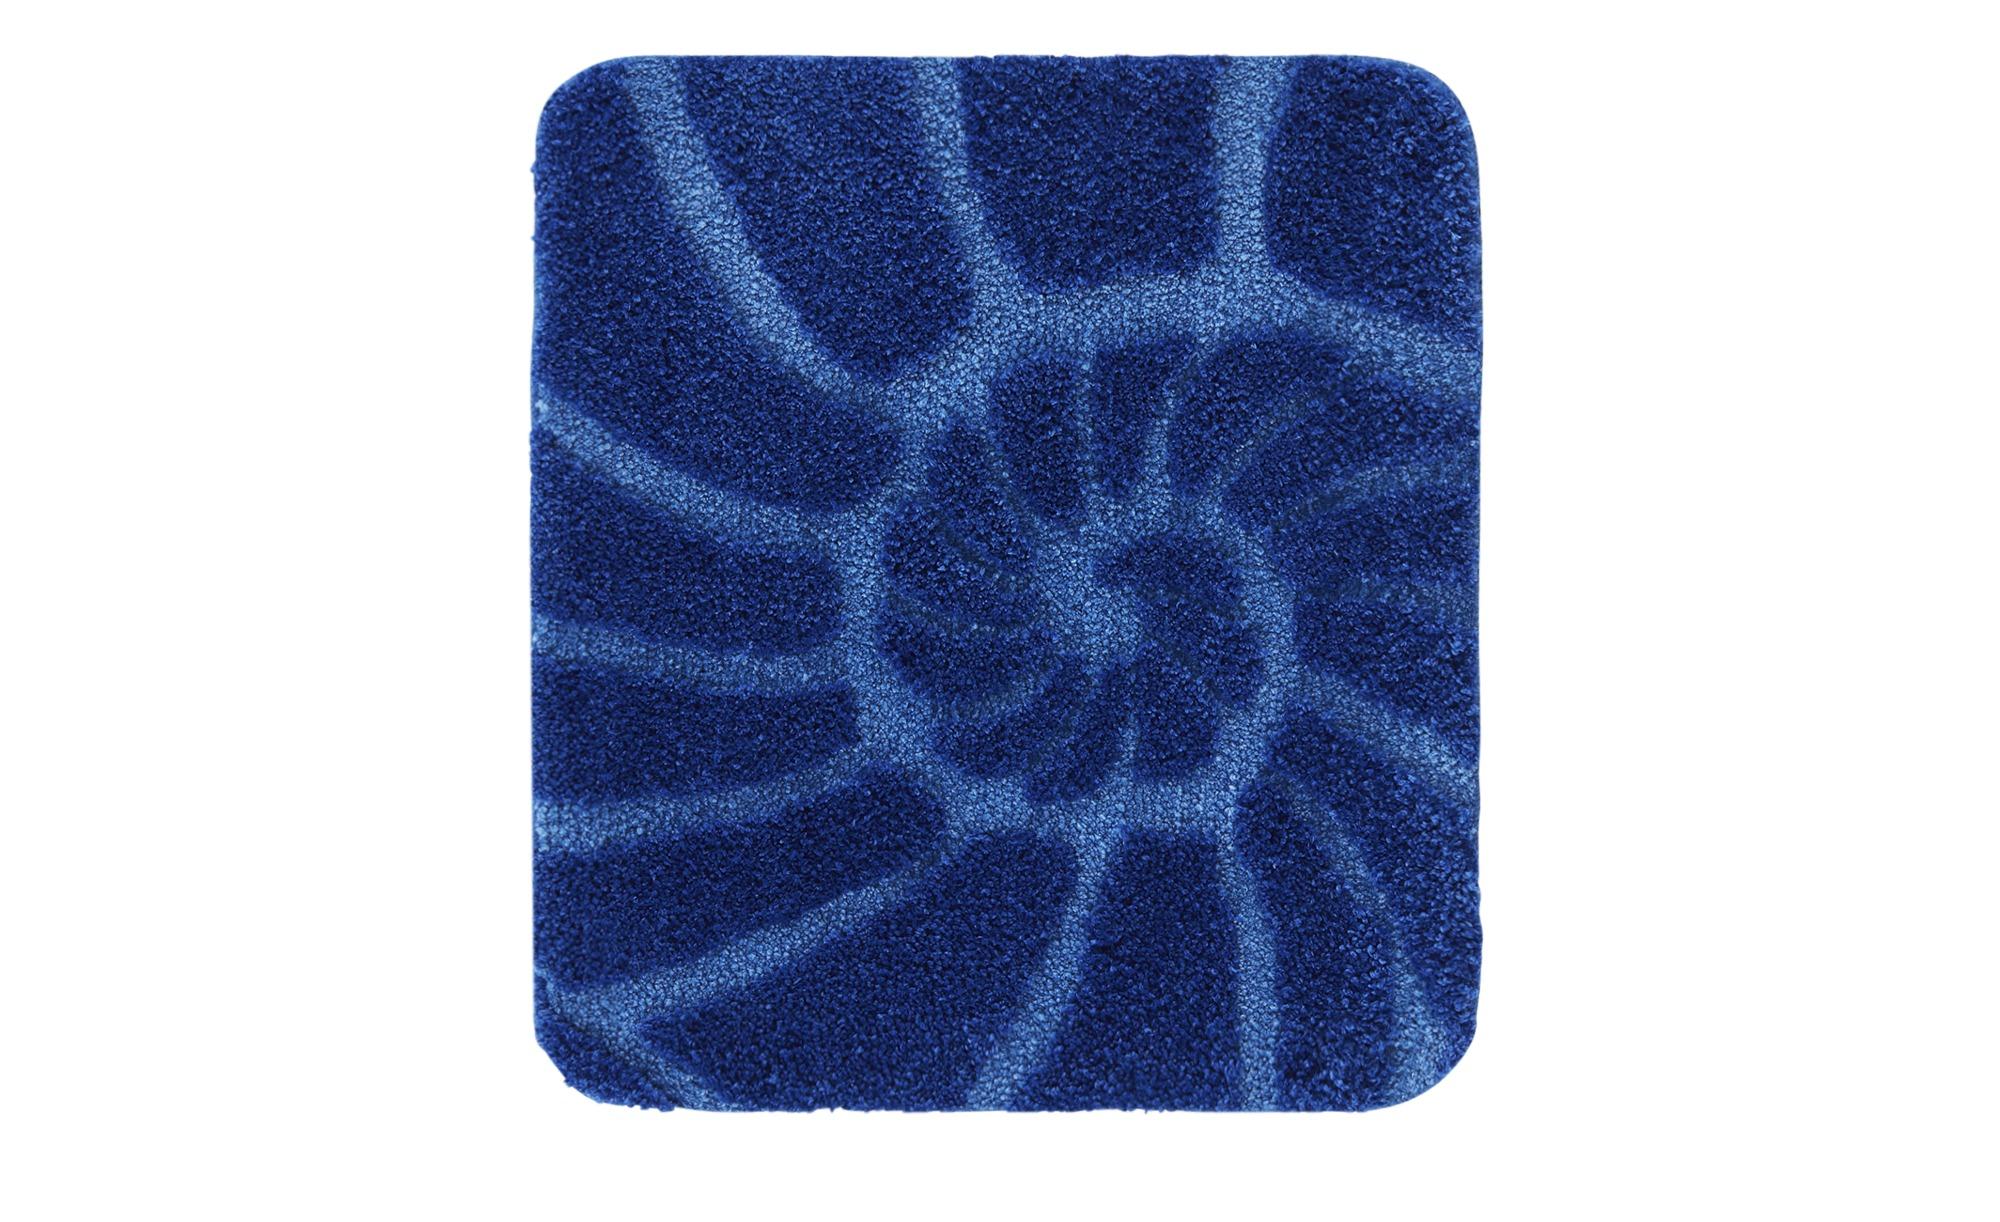 Kleine Wolke Badteppich  Muschel ¦ blau ¦ 100% Polyester Badtextilien und Zubehör > Badematten & Badvorleger - Höffner